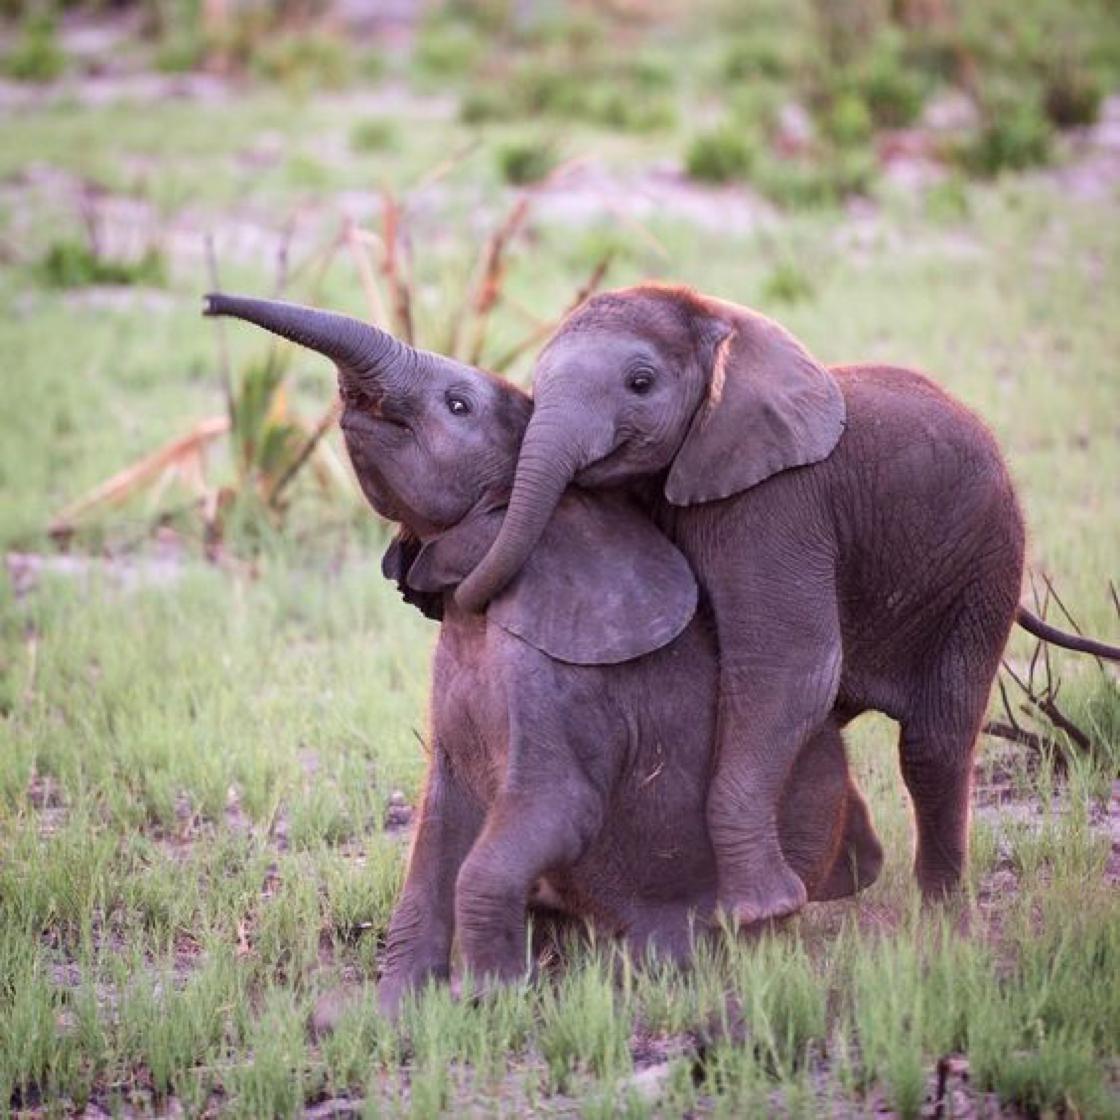 картинка милого слона домики, теремочки прекрасными